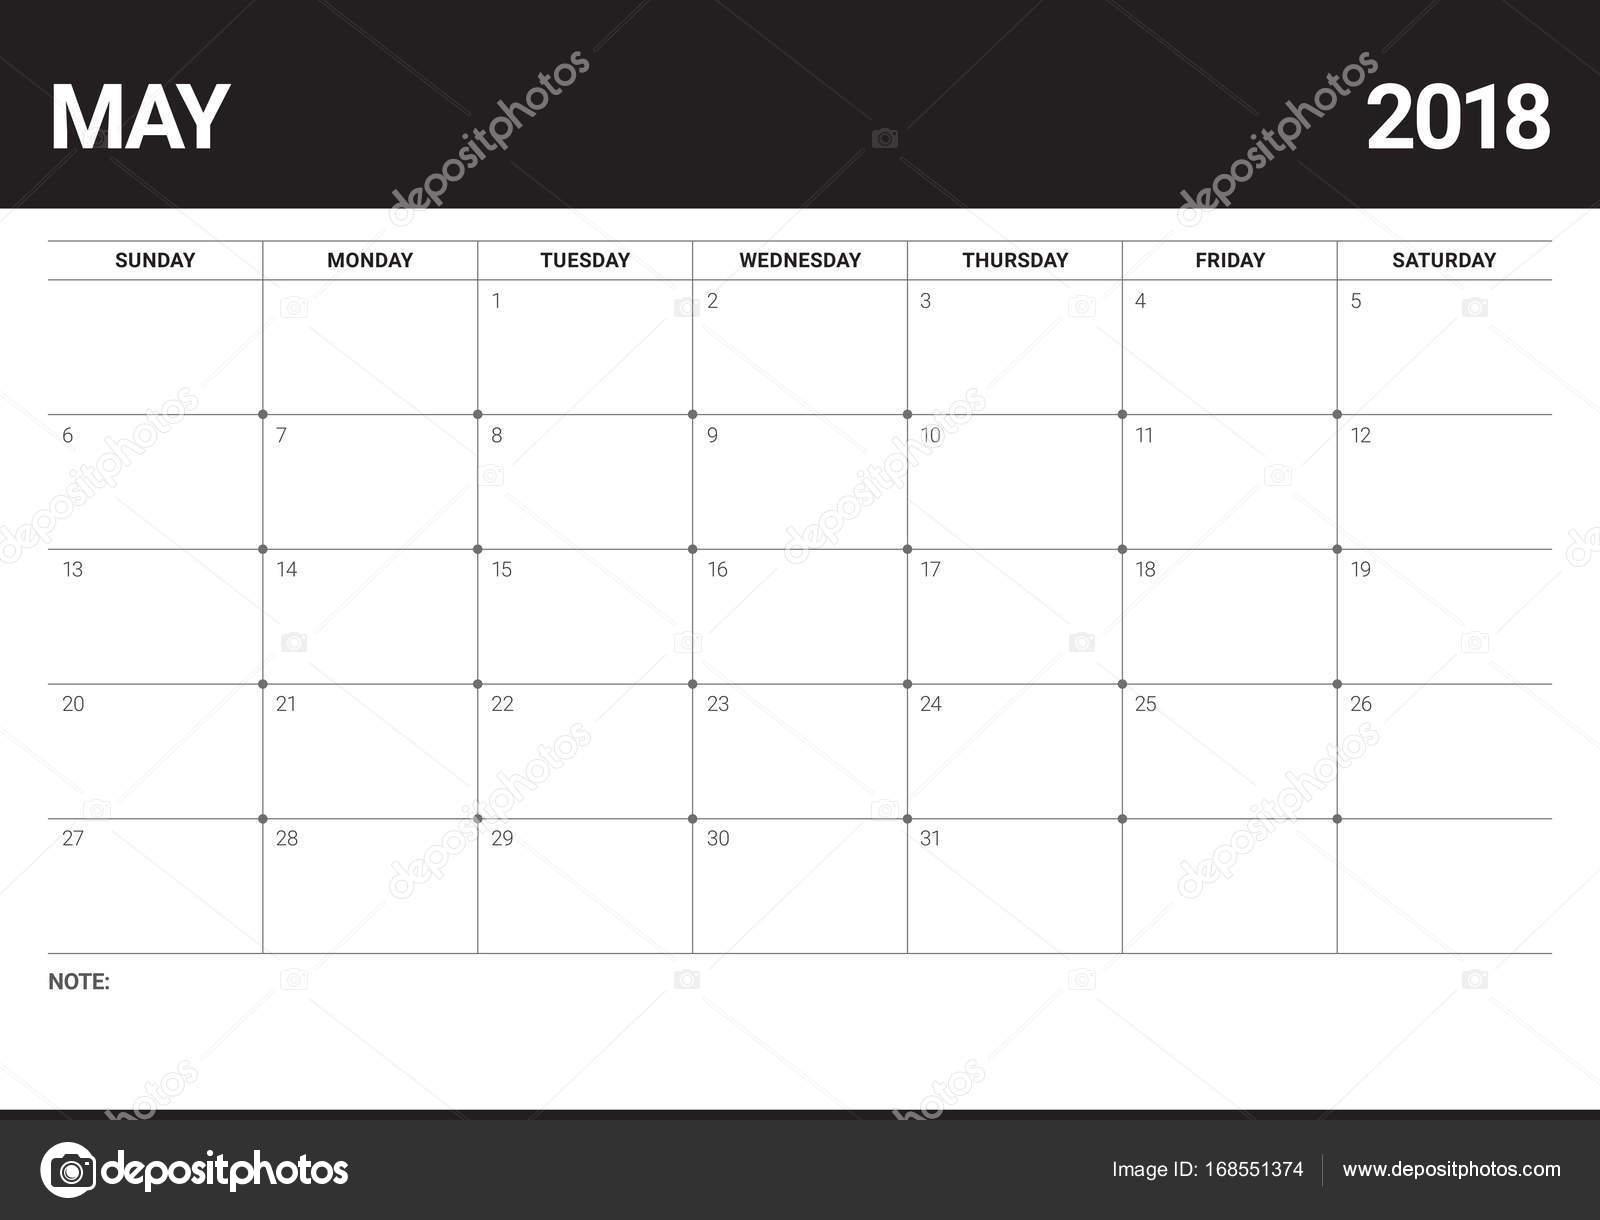 Calendar Planner Vector : May calendar planner vector illustration — stock